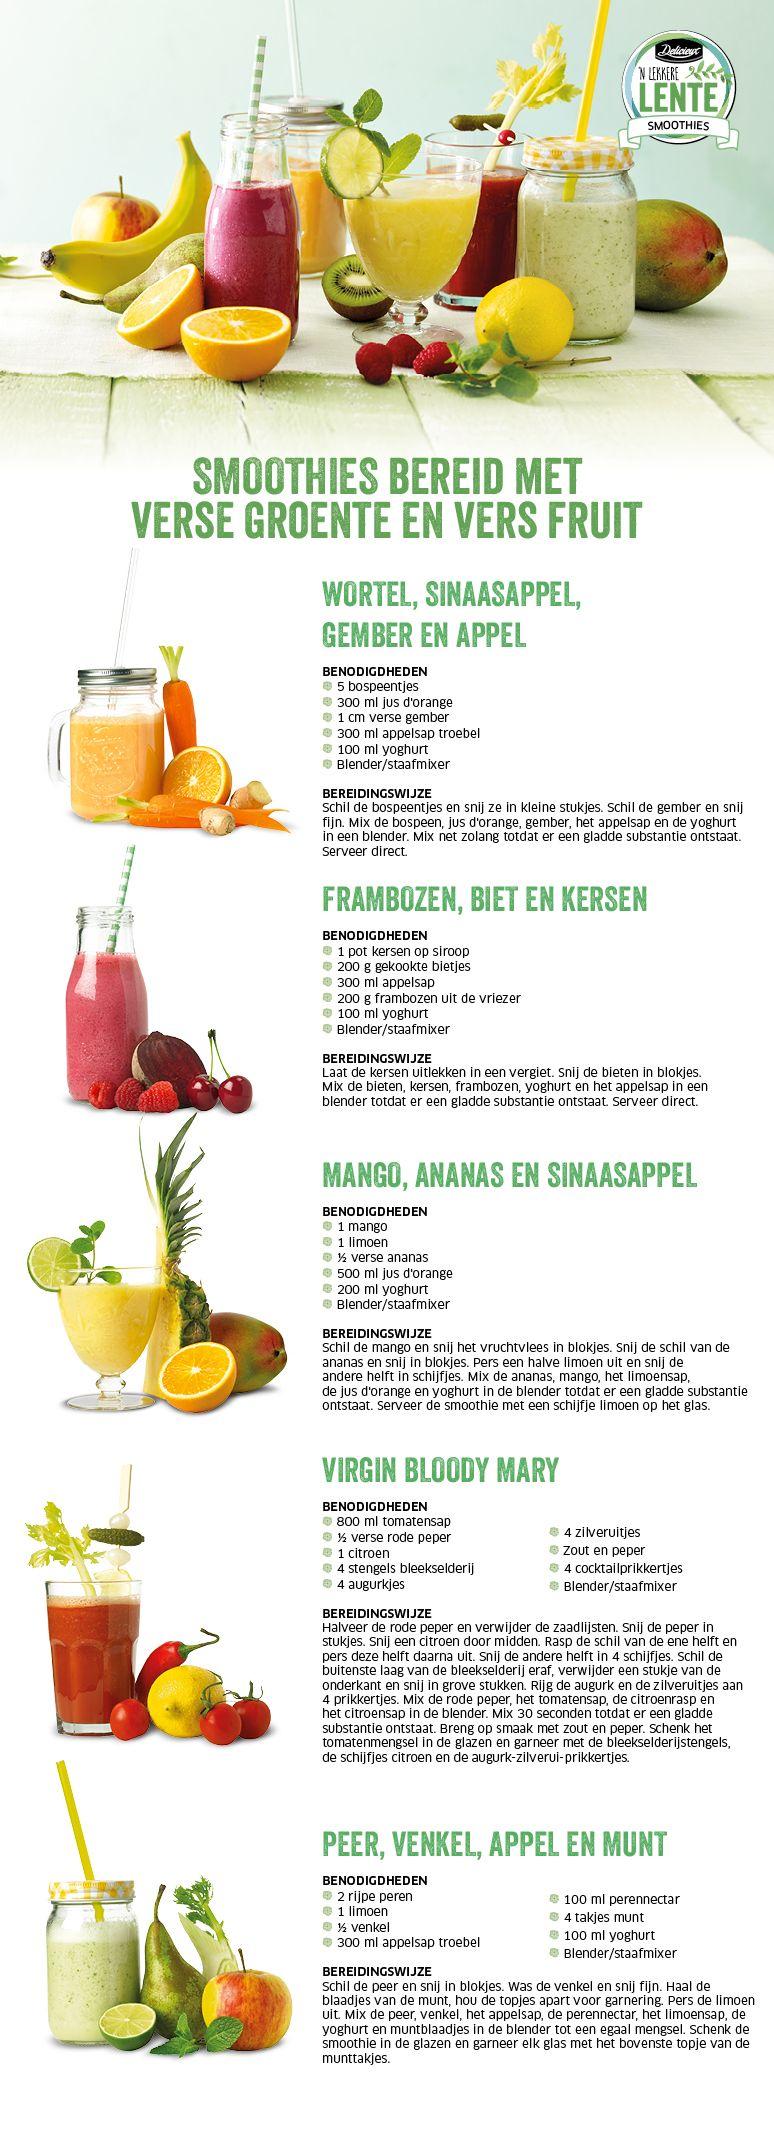 Smoothies bereid met verse groente en vers fruit - Lidl Nederland